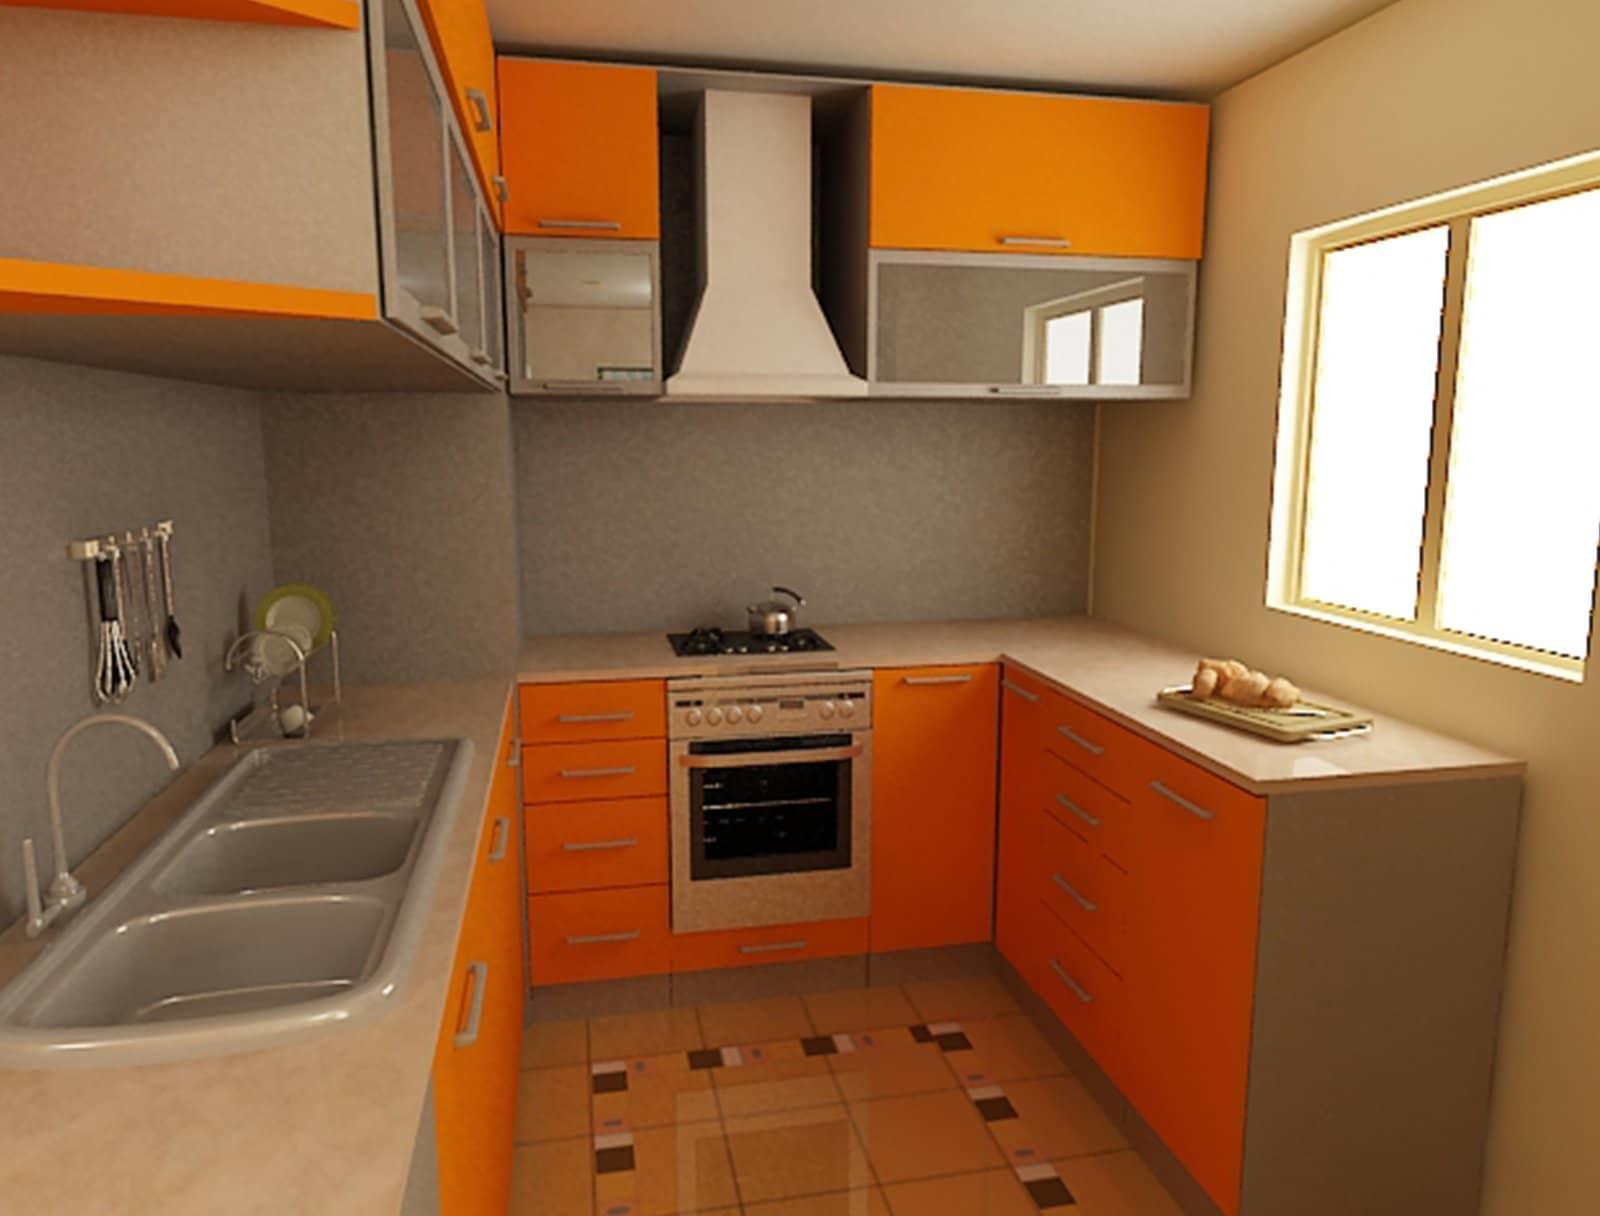 Идеальный вариант планировки кухни в хрущевке — максимально задействовать все углы помещения